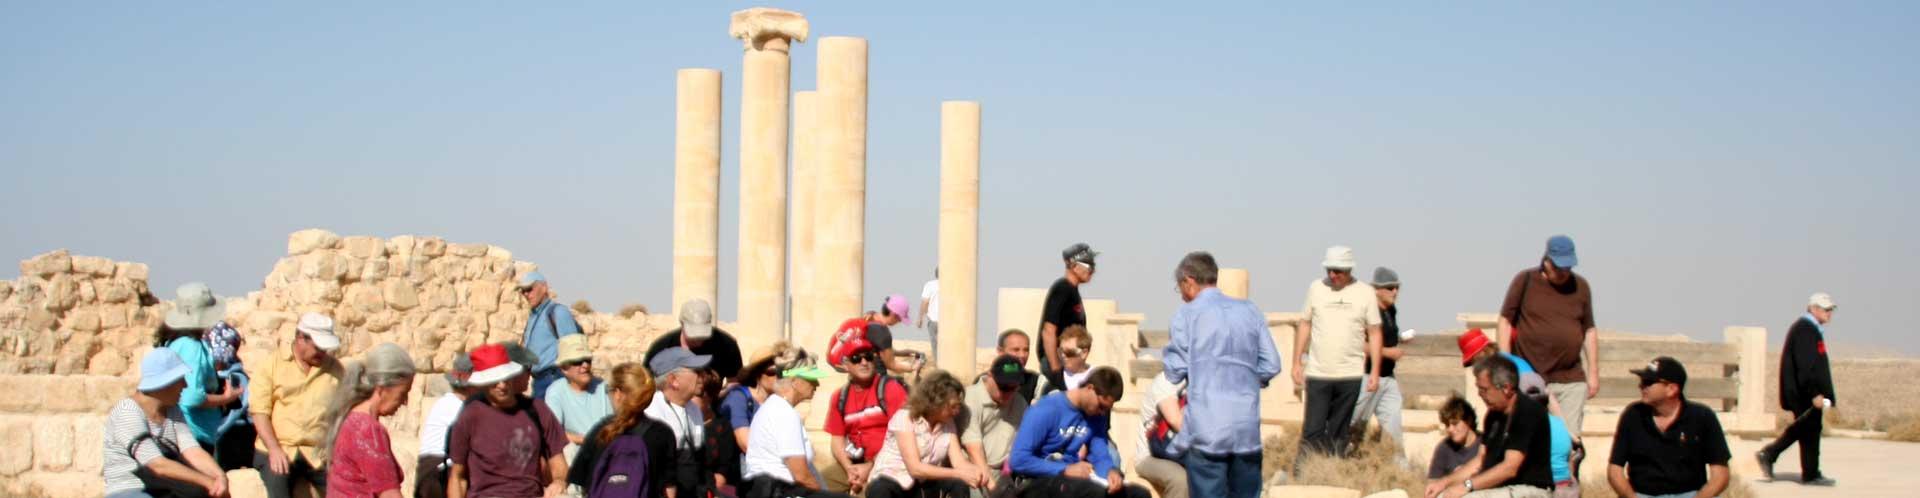 טיול בירדן - הטיול המקיף